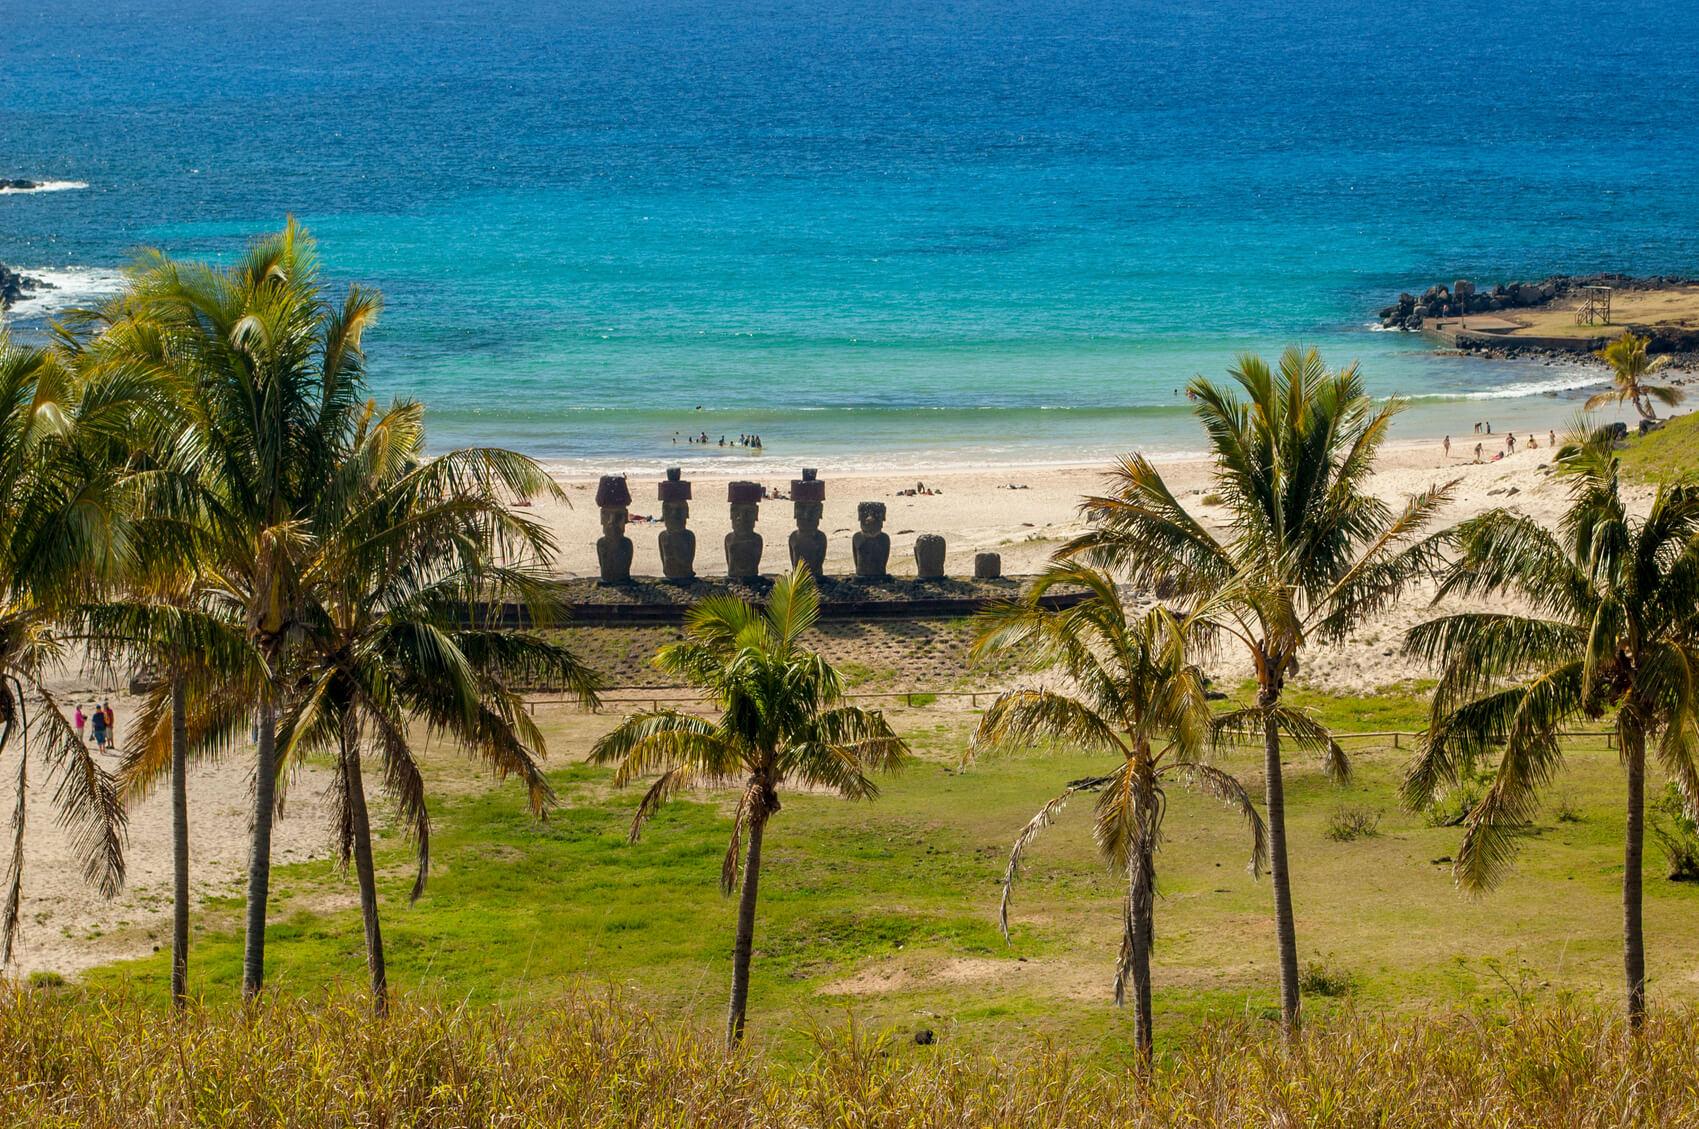 ¿Te animas a visitar la Isla de Pascua después de agosto? - Sueños Viajeros